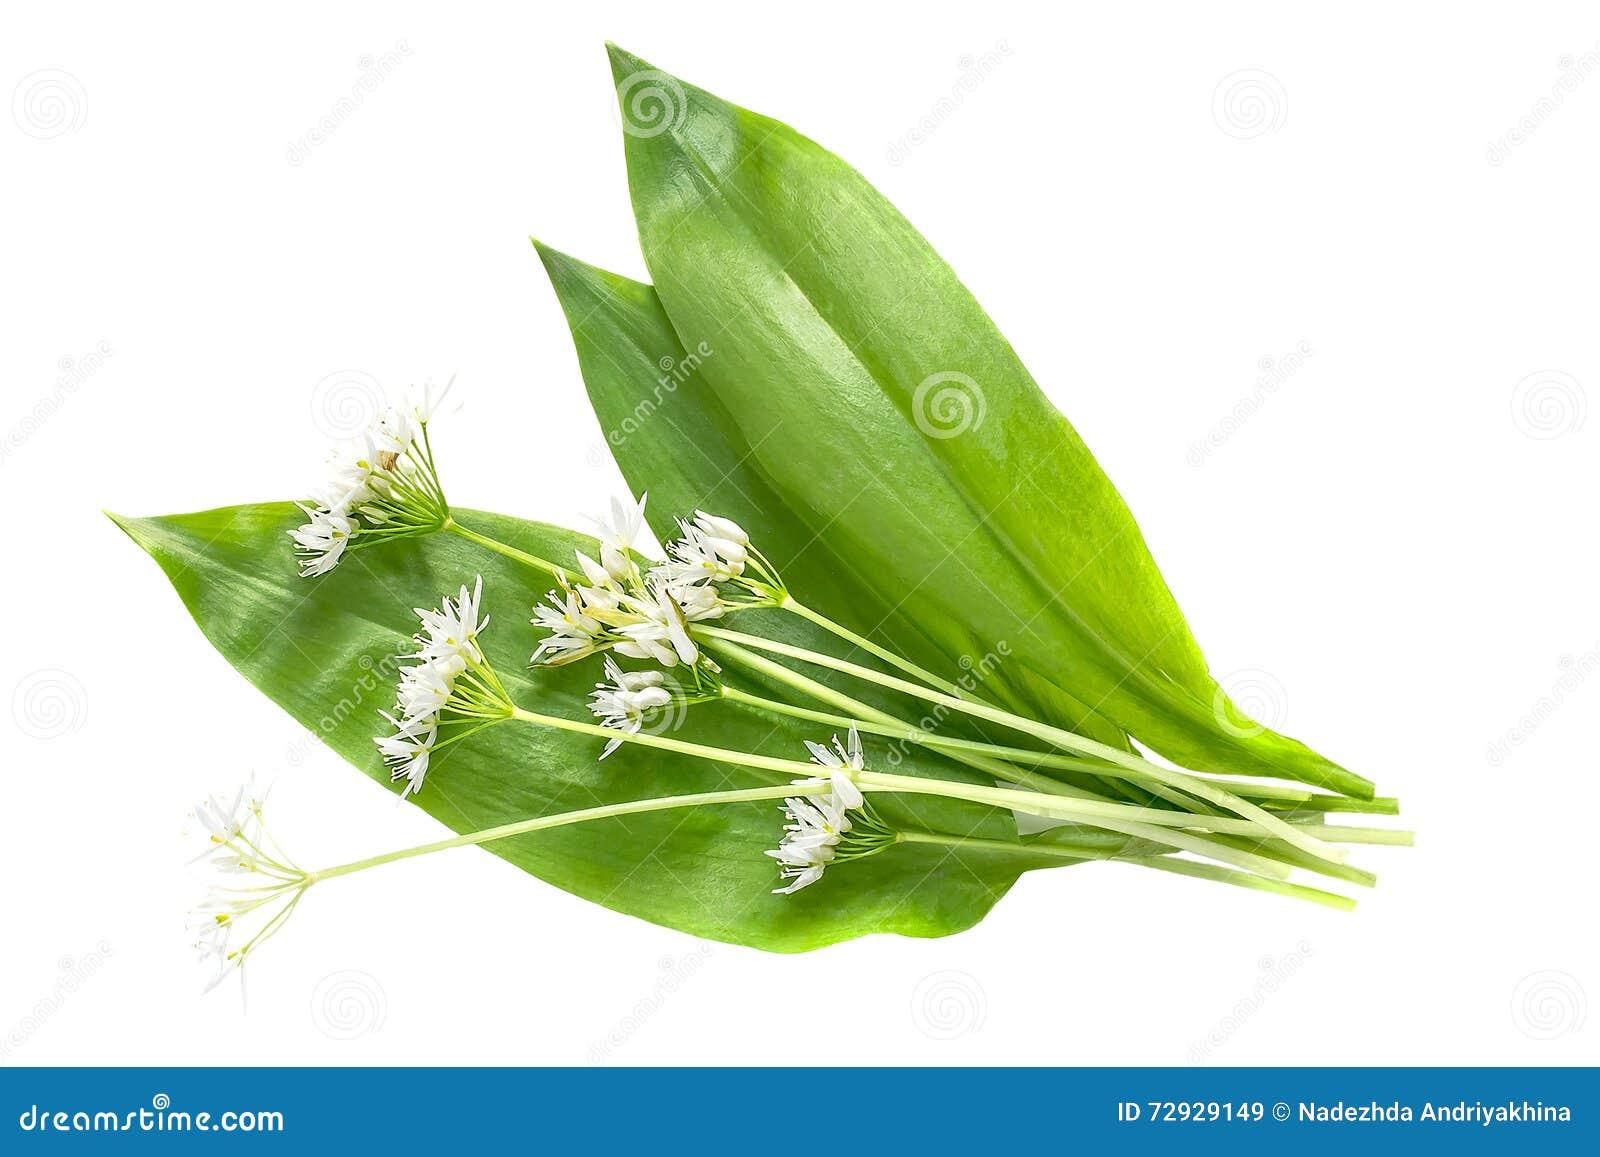 Aglio orsino della pianta medicinale ursinum dell 39 allium for Aglio pianta